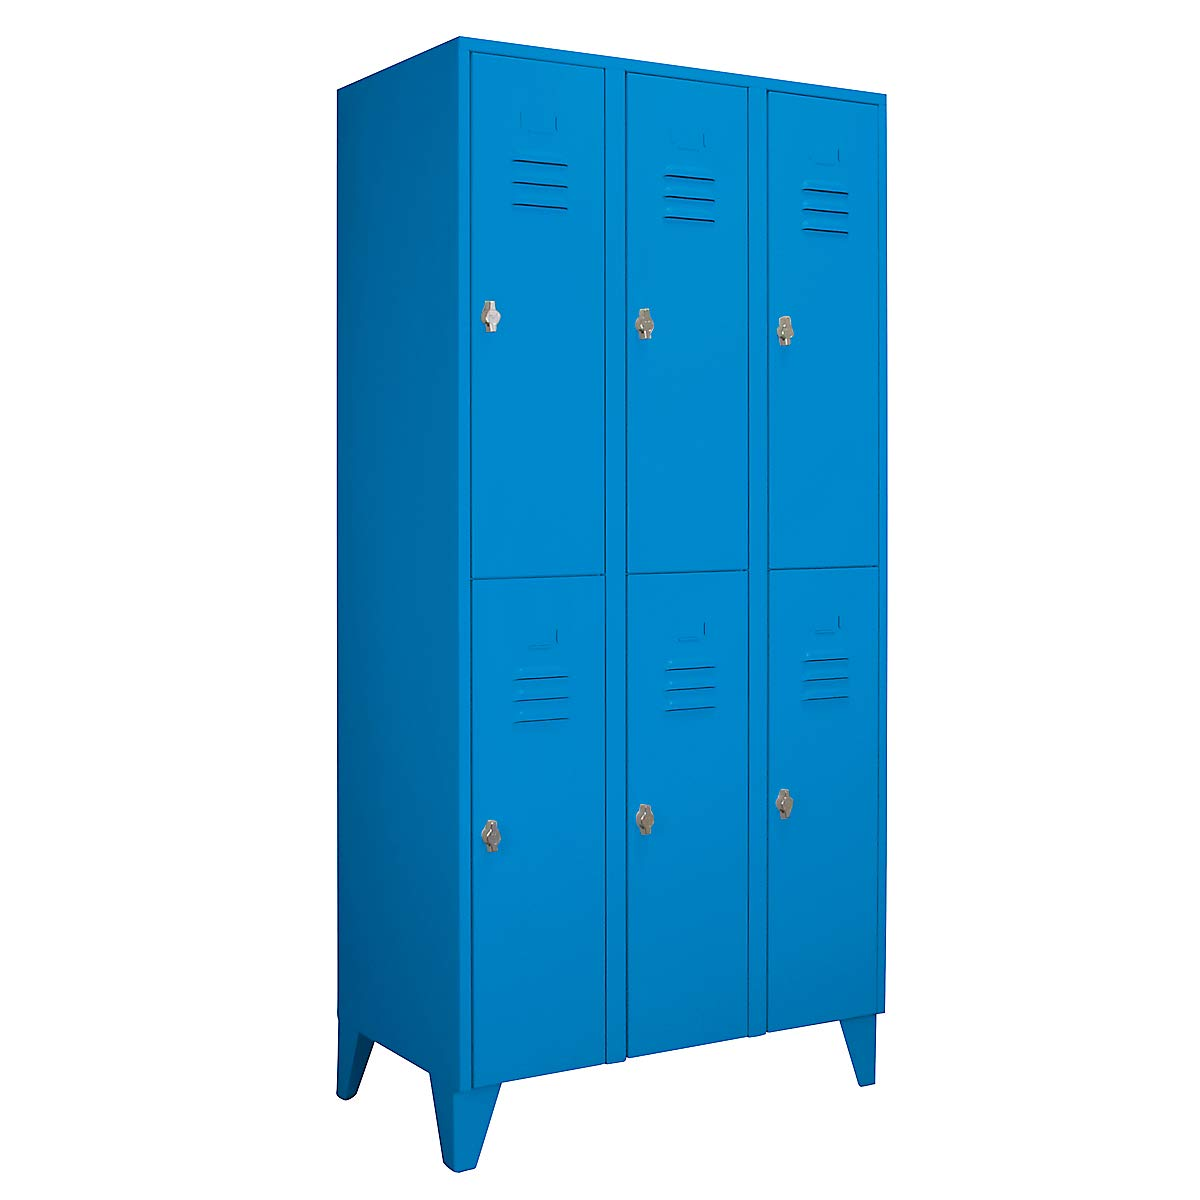 compartiments s/épar/és horizontalement Wolf Vestiaire m/étallique sur pieds bleu clair largeur compartiments 300 mm portes /à parois pleines 6 compartiments armoire armoire de vestiaire armoire m/étallique armoire po